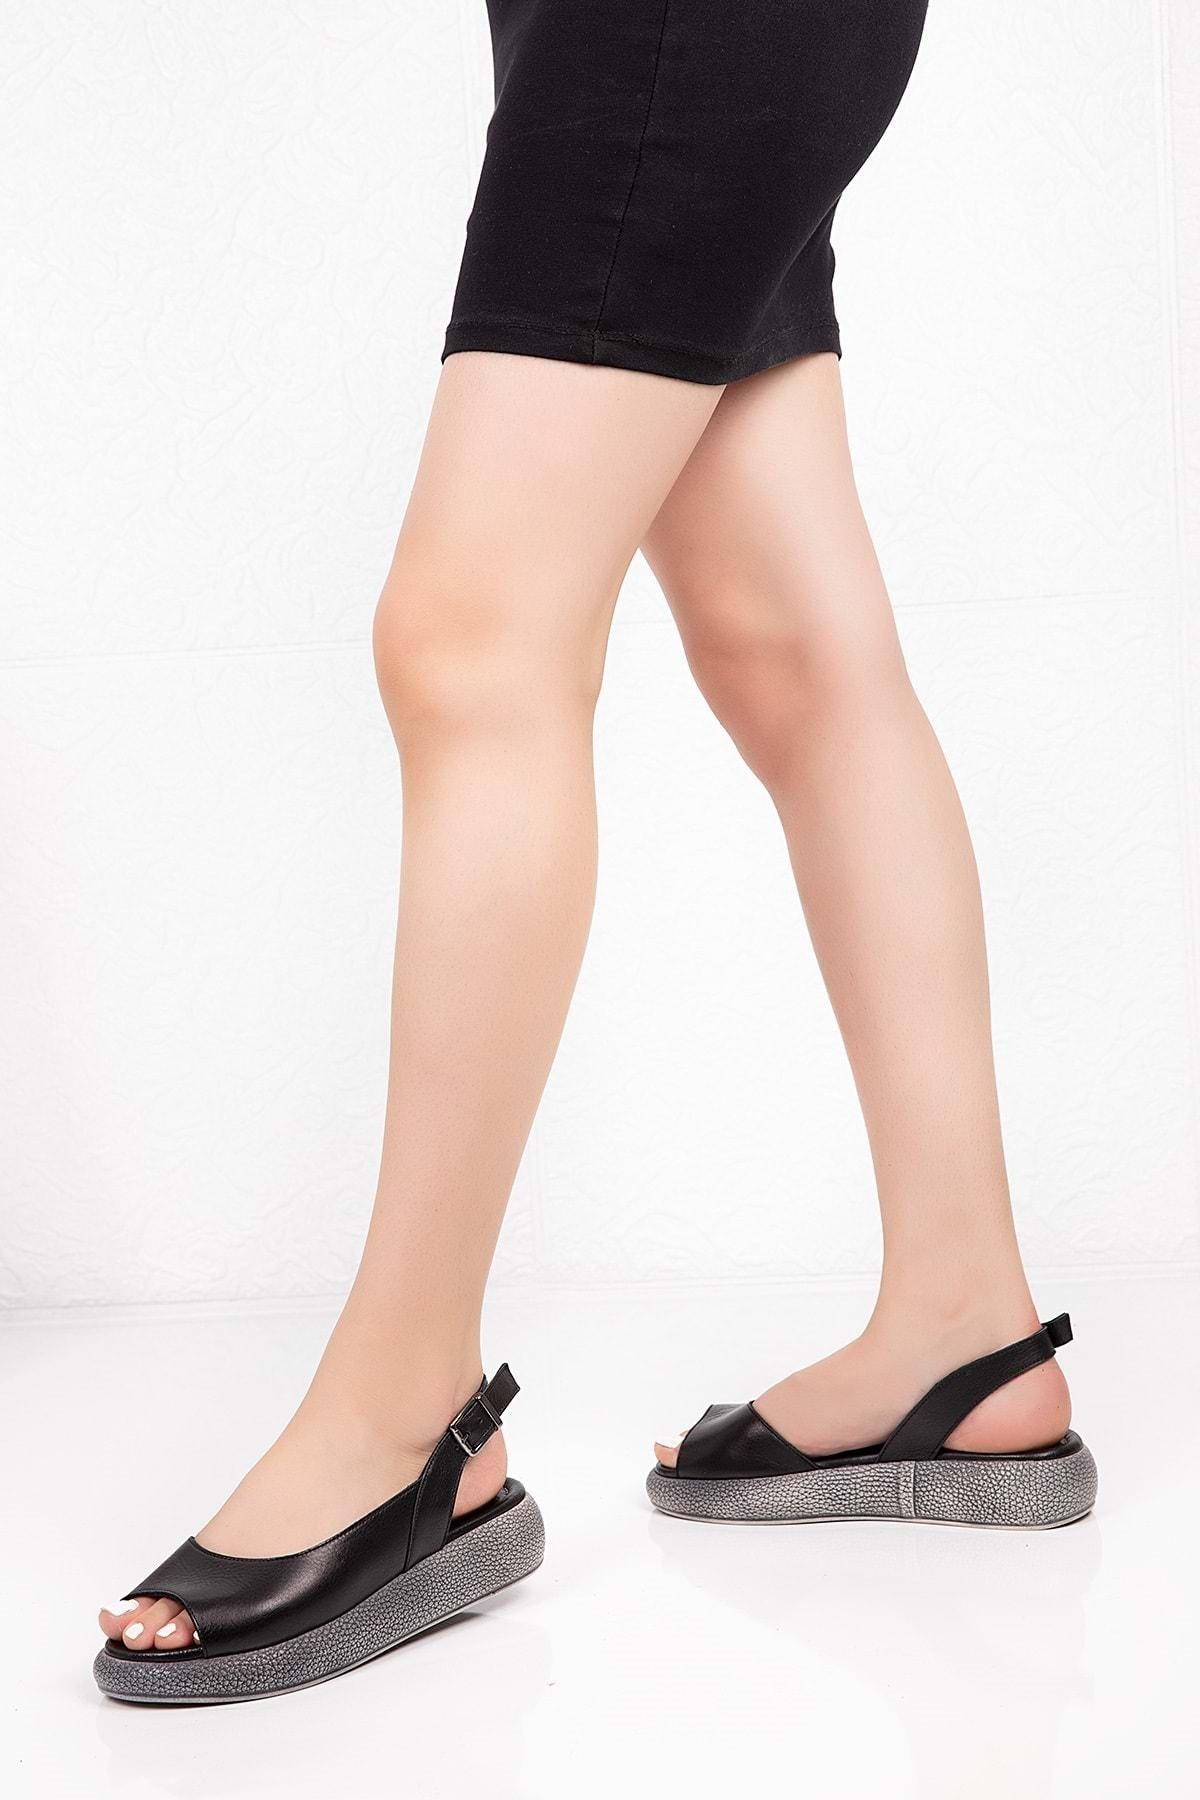 Gondol Kadın Siyah  Deri Anatomik Taban Sandalet 1